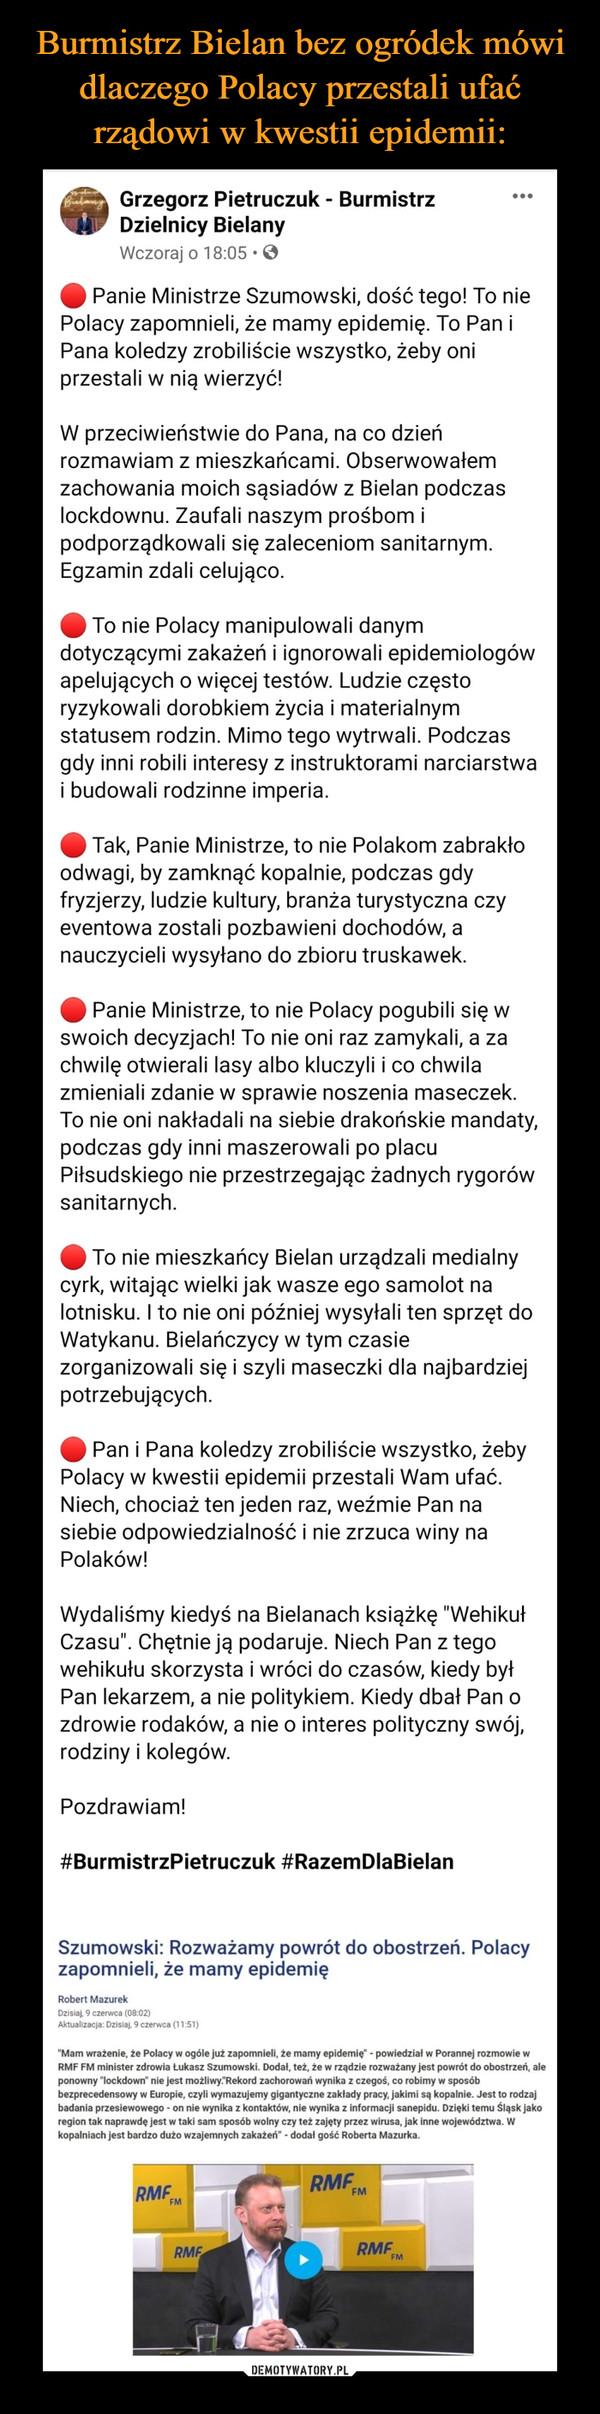 –  Grzegorz Pietruczuk - Burmistrz Dzielnicy Bielany20 godz. ·